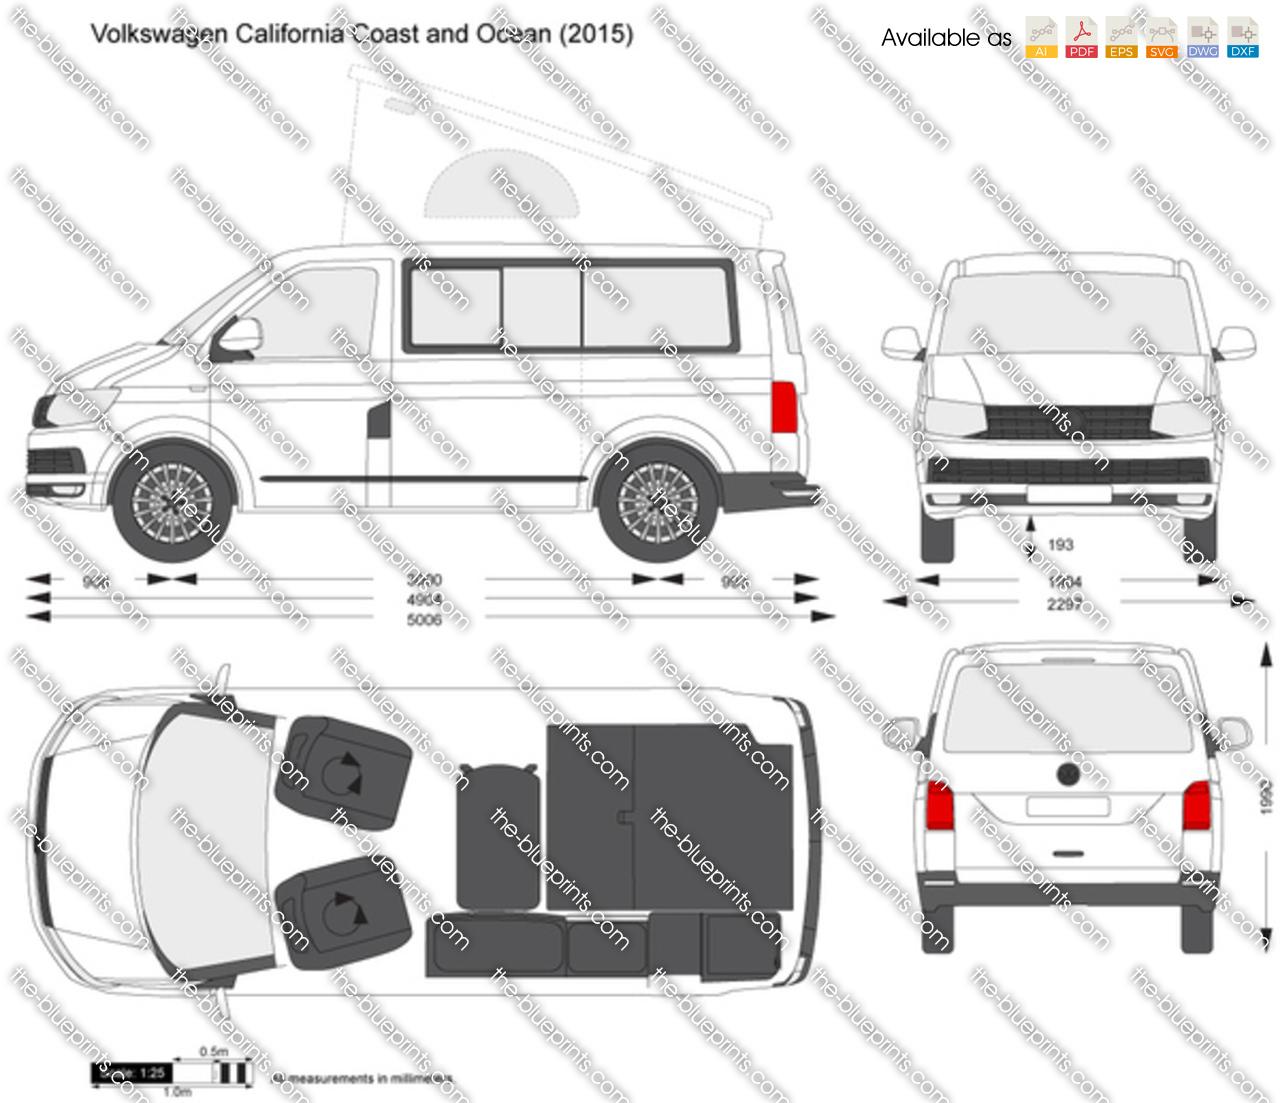 volkswagen california coast and ocean vector drawing